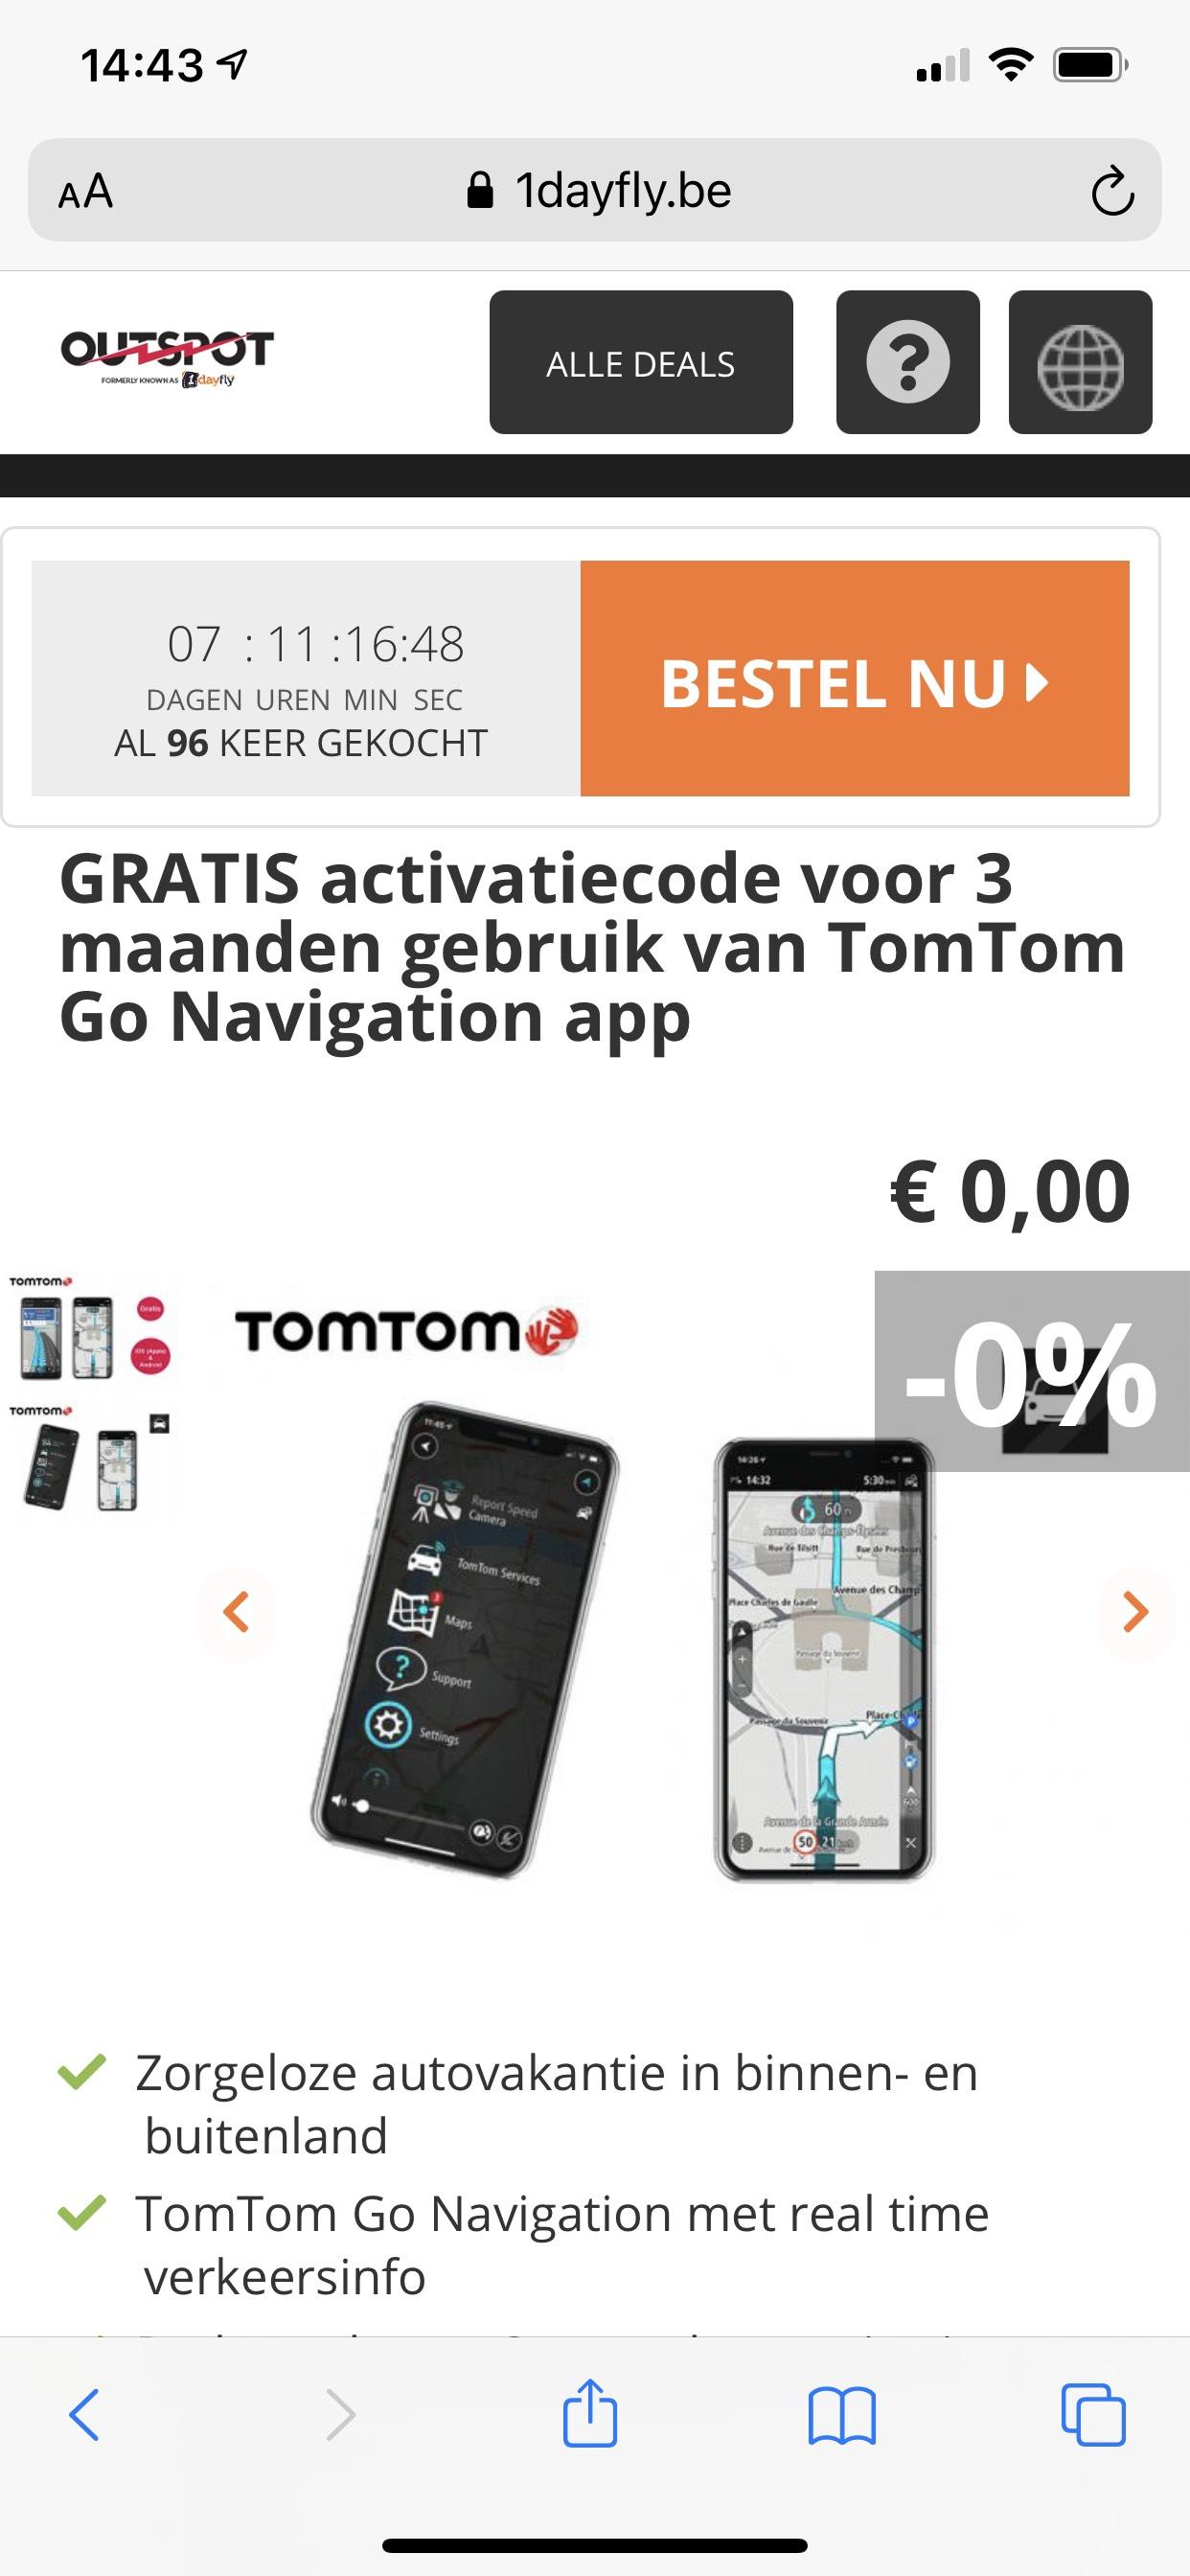 3 à 4 maanden gratis TomTom Go